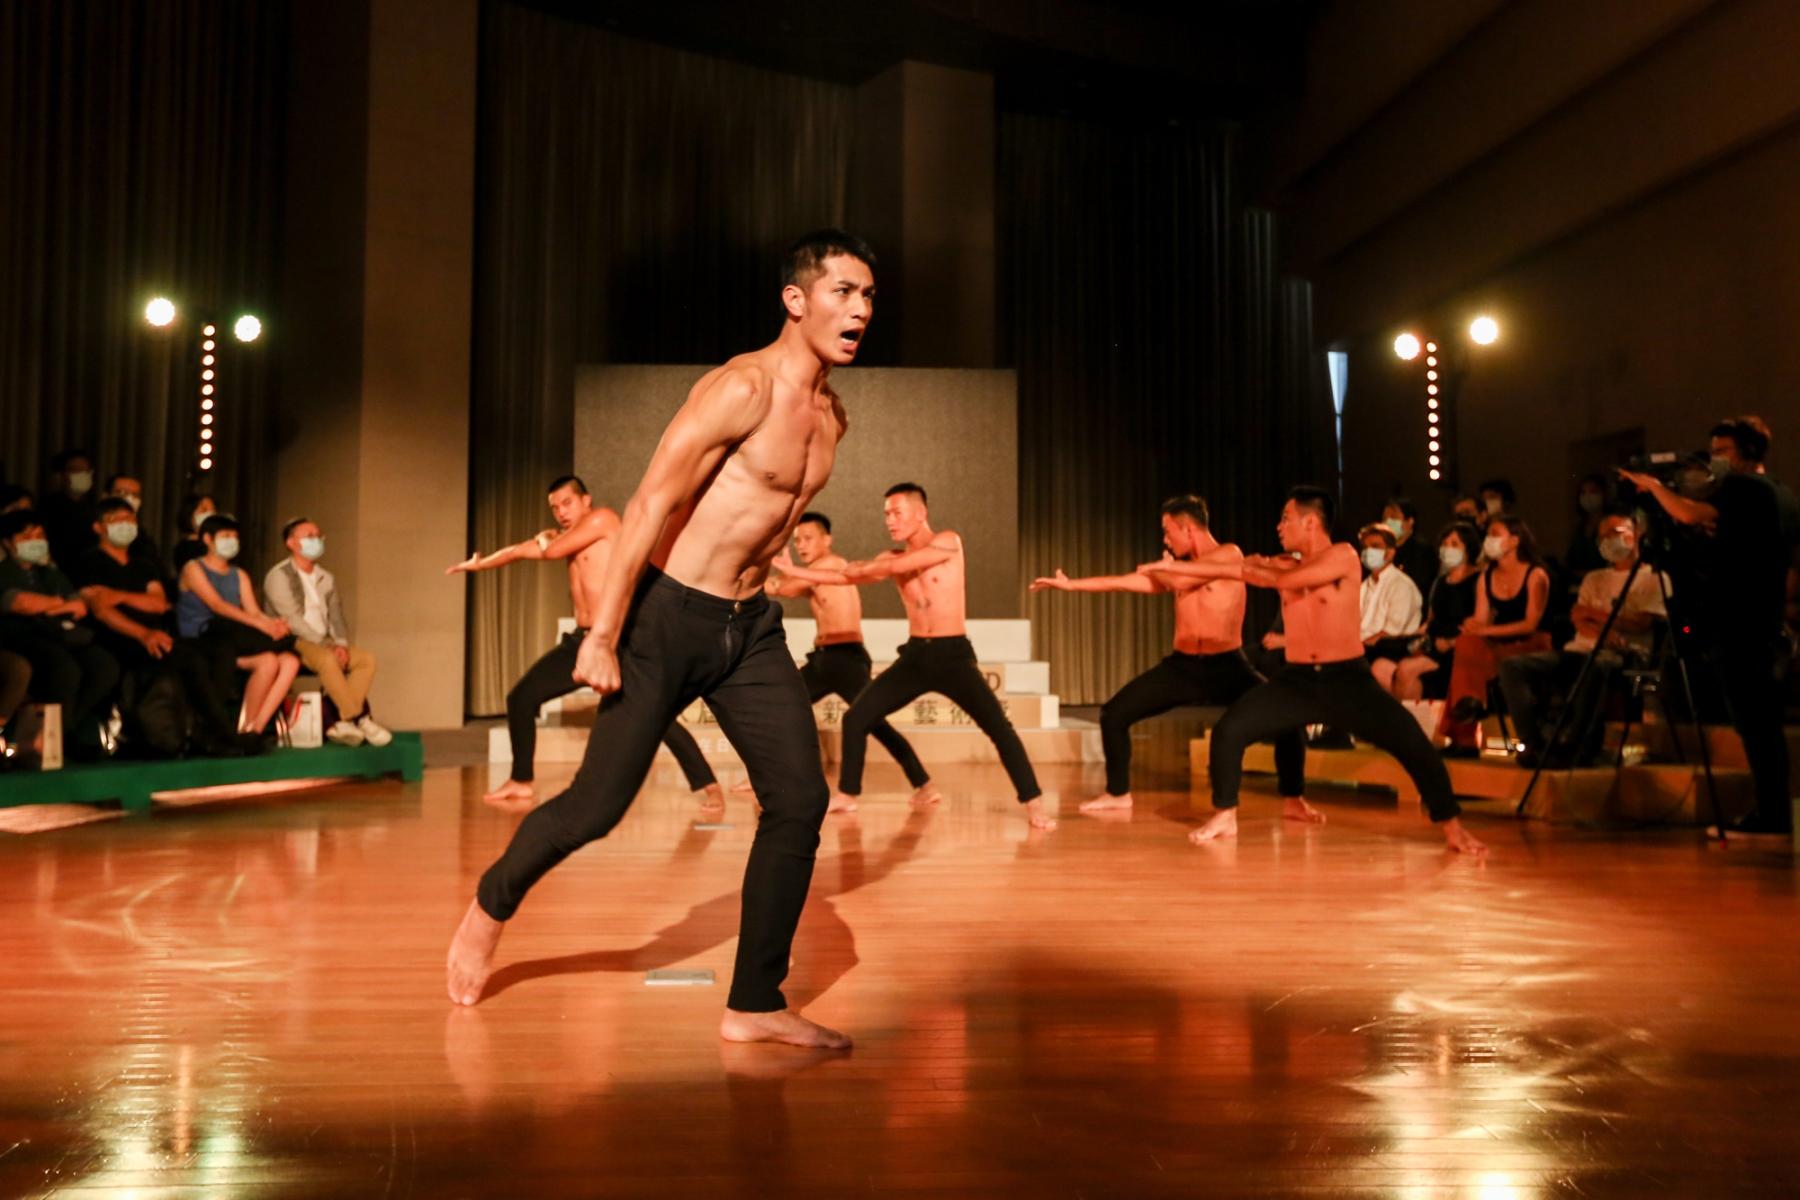 圖8 第18屆台新藝術獎頒獎典禮  邀請布拉瑞揚舞團演出去年台新藝術獎大獎得主作品《路吶Luna》中重要橋段《我的報戰功》圖2